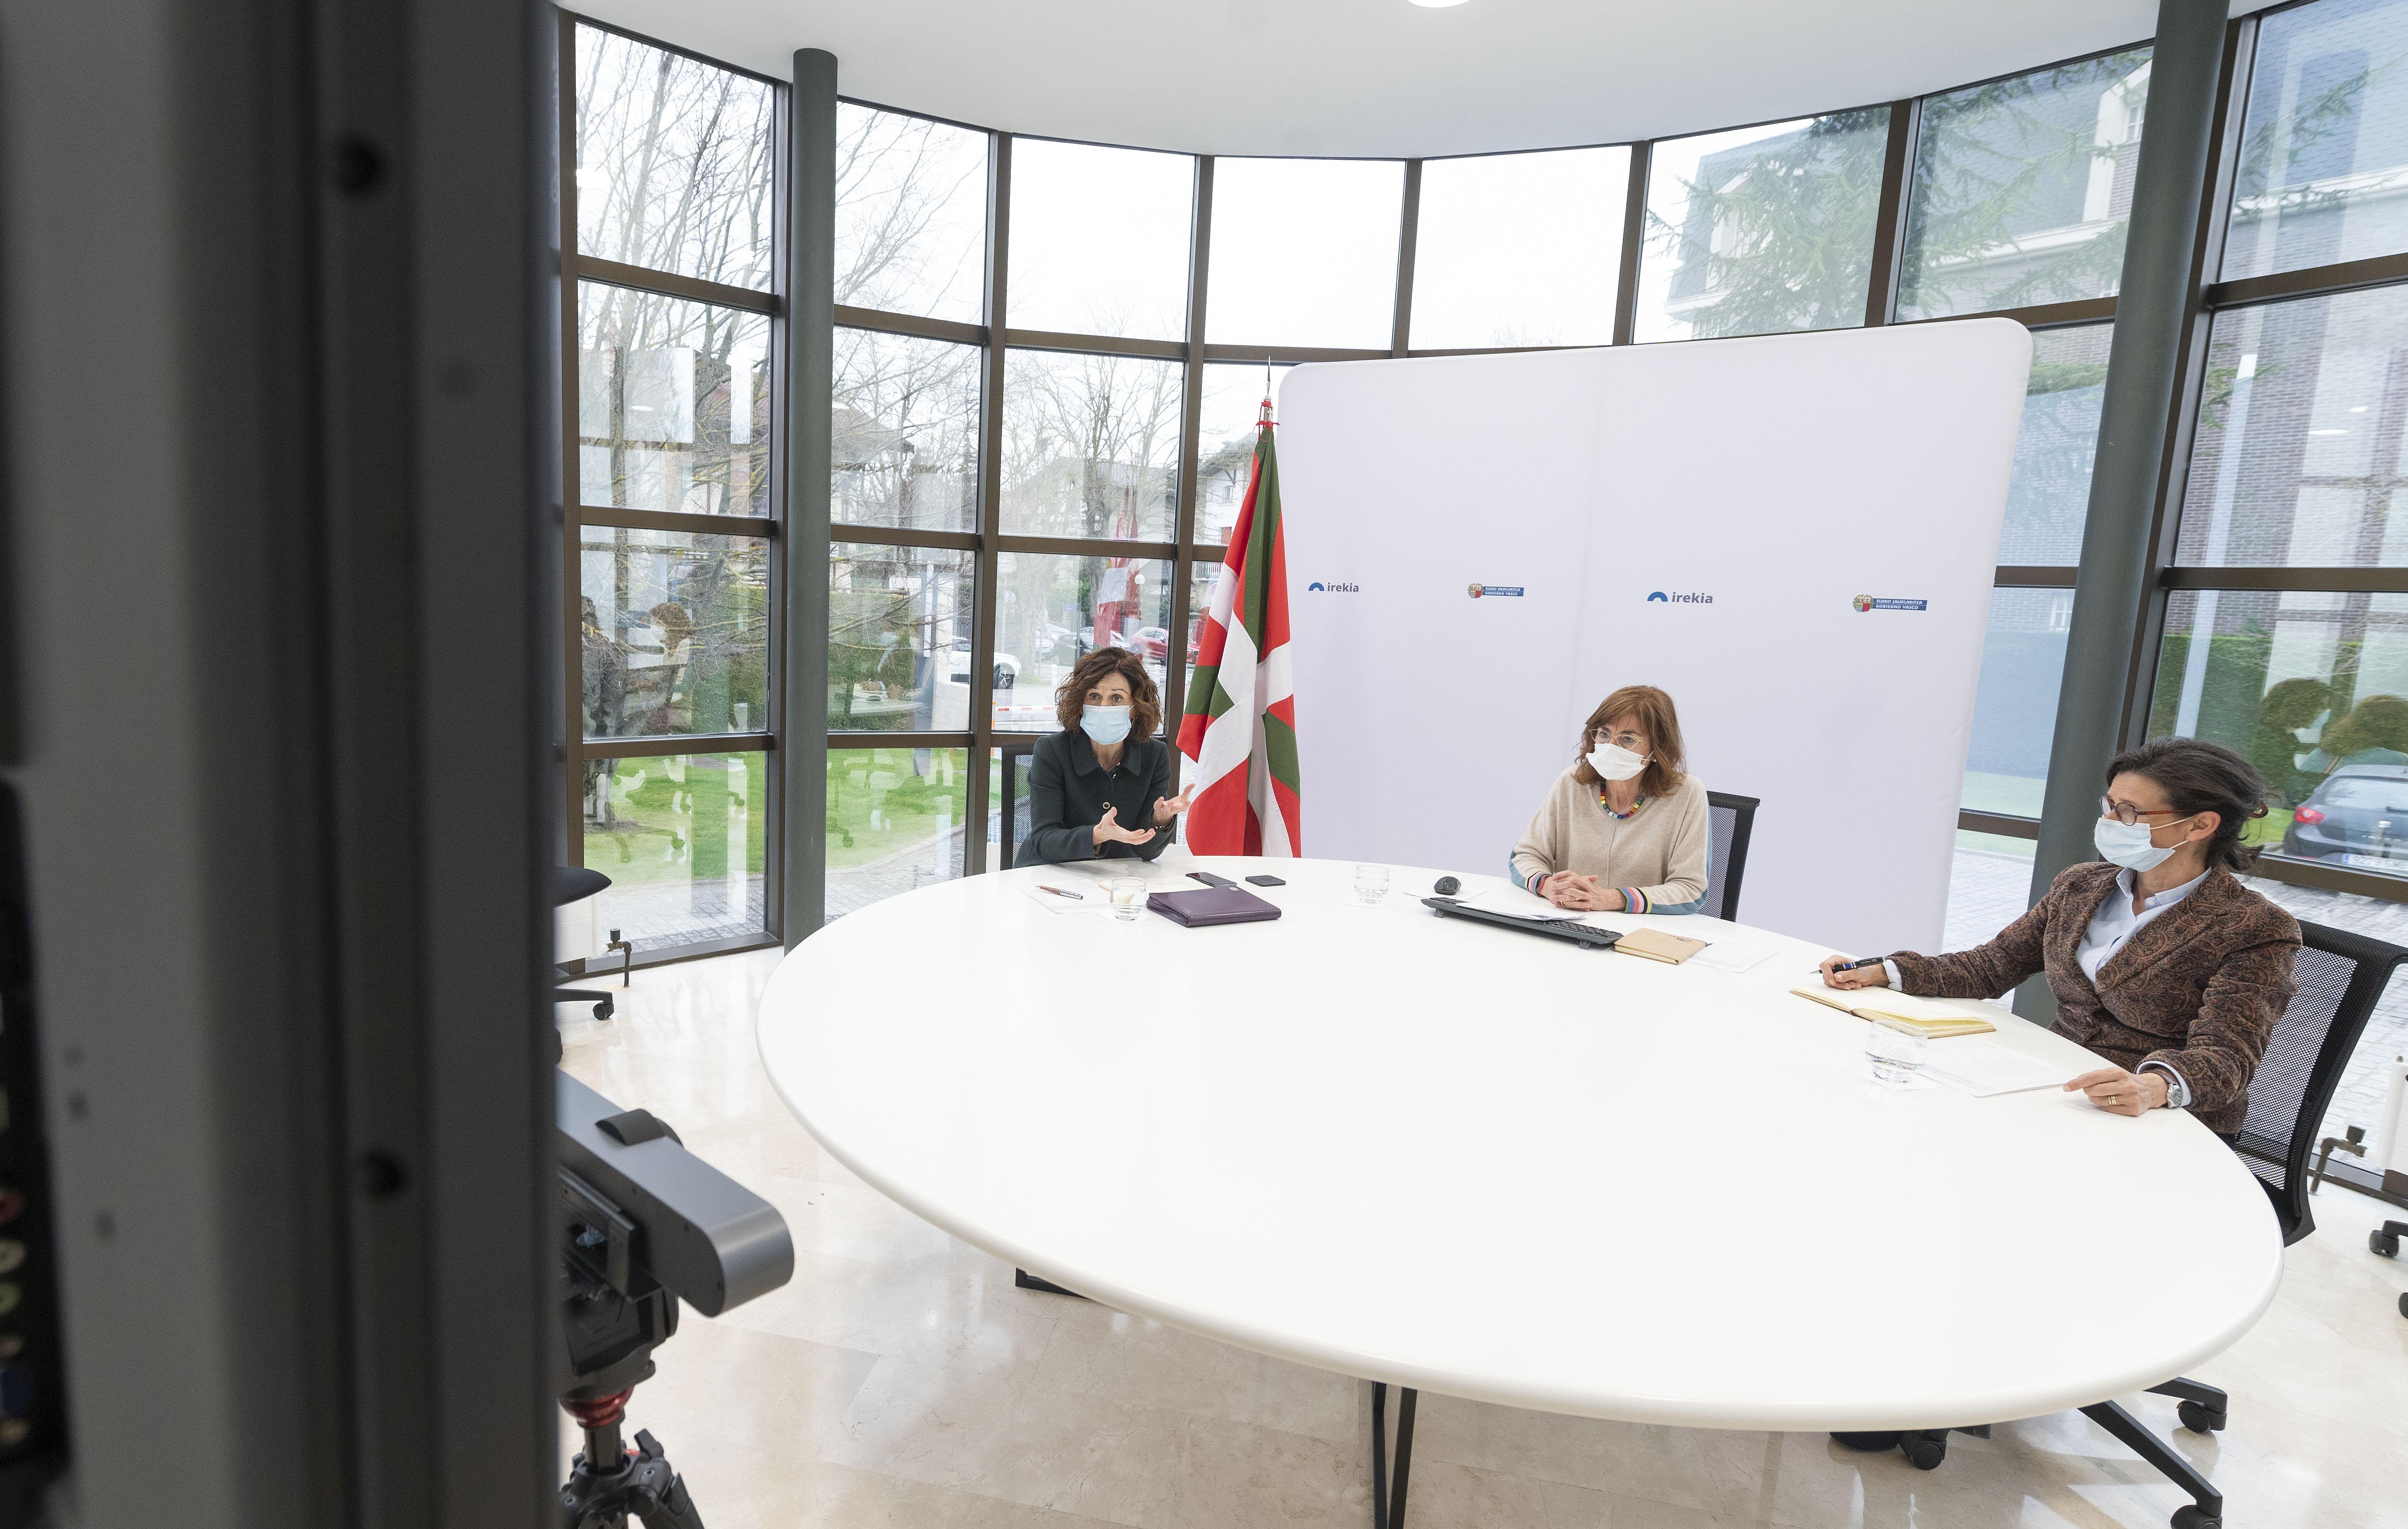 2021_03_25_encuentro_diplomatico_04.jpg